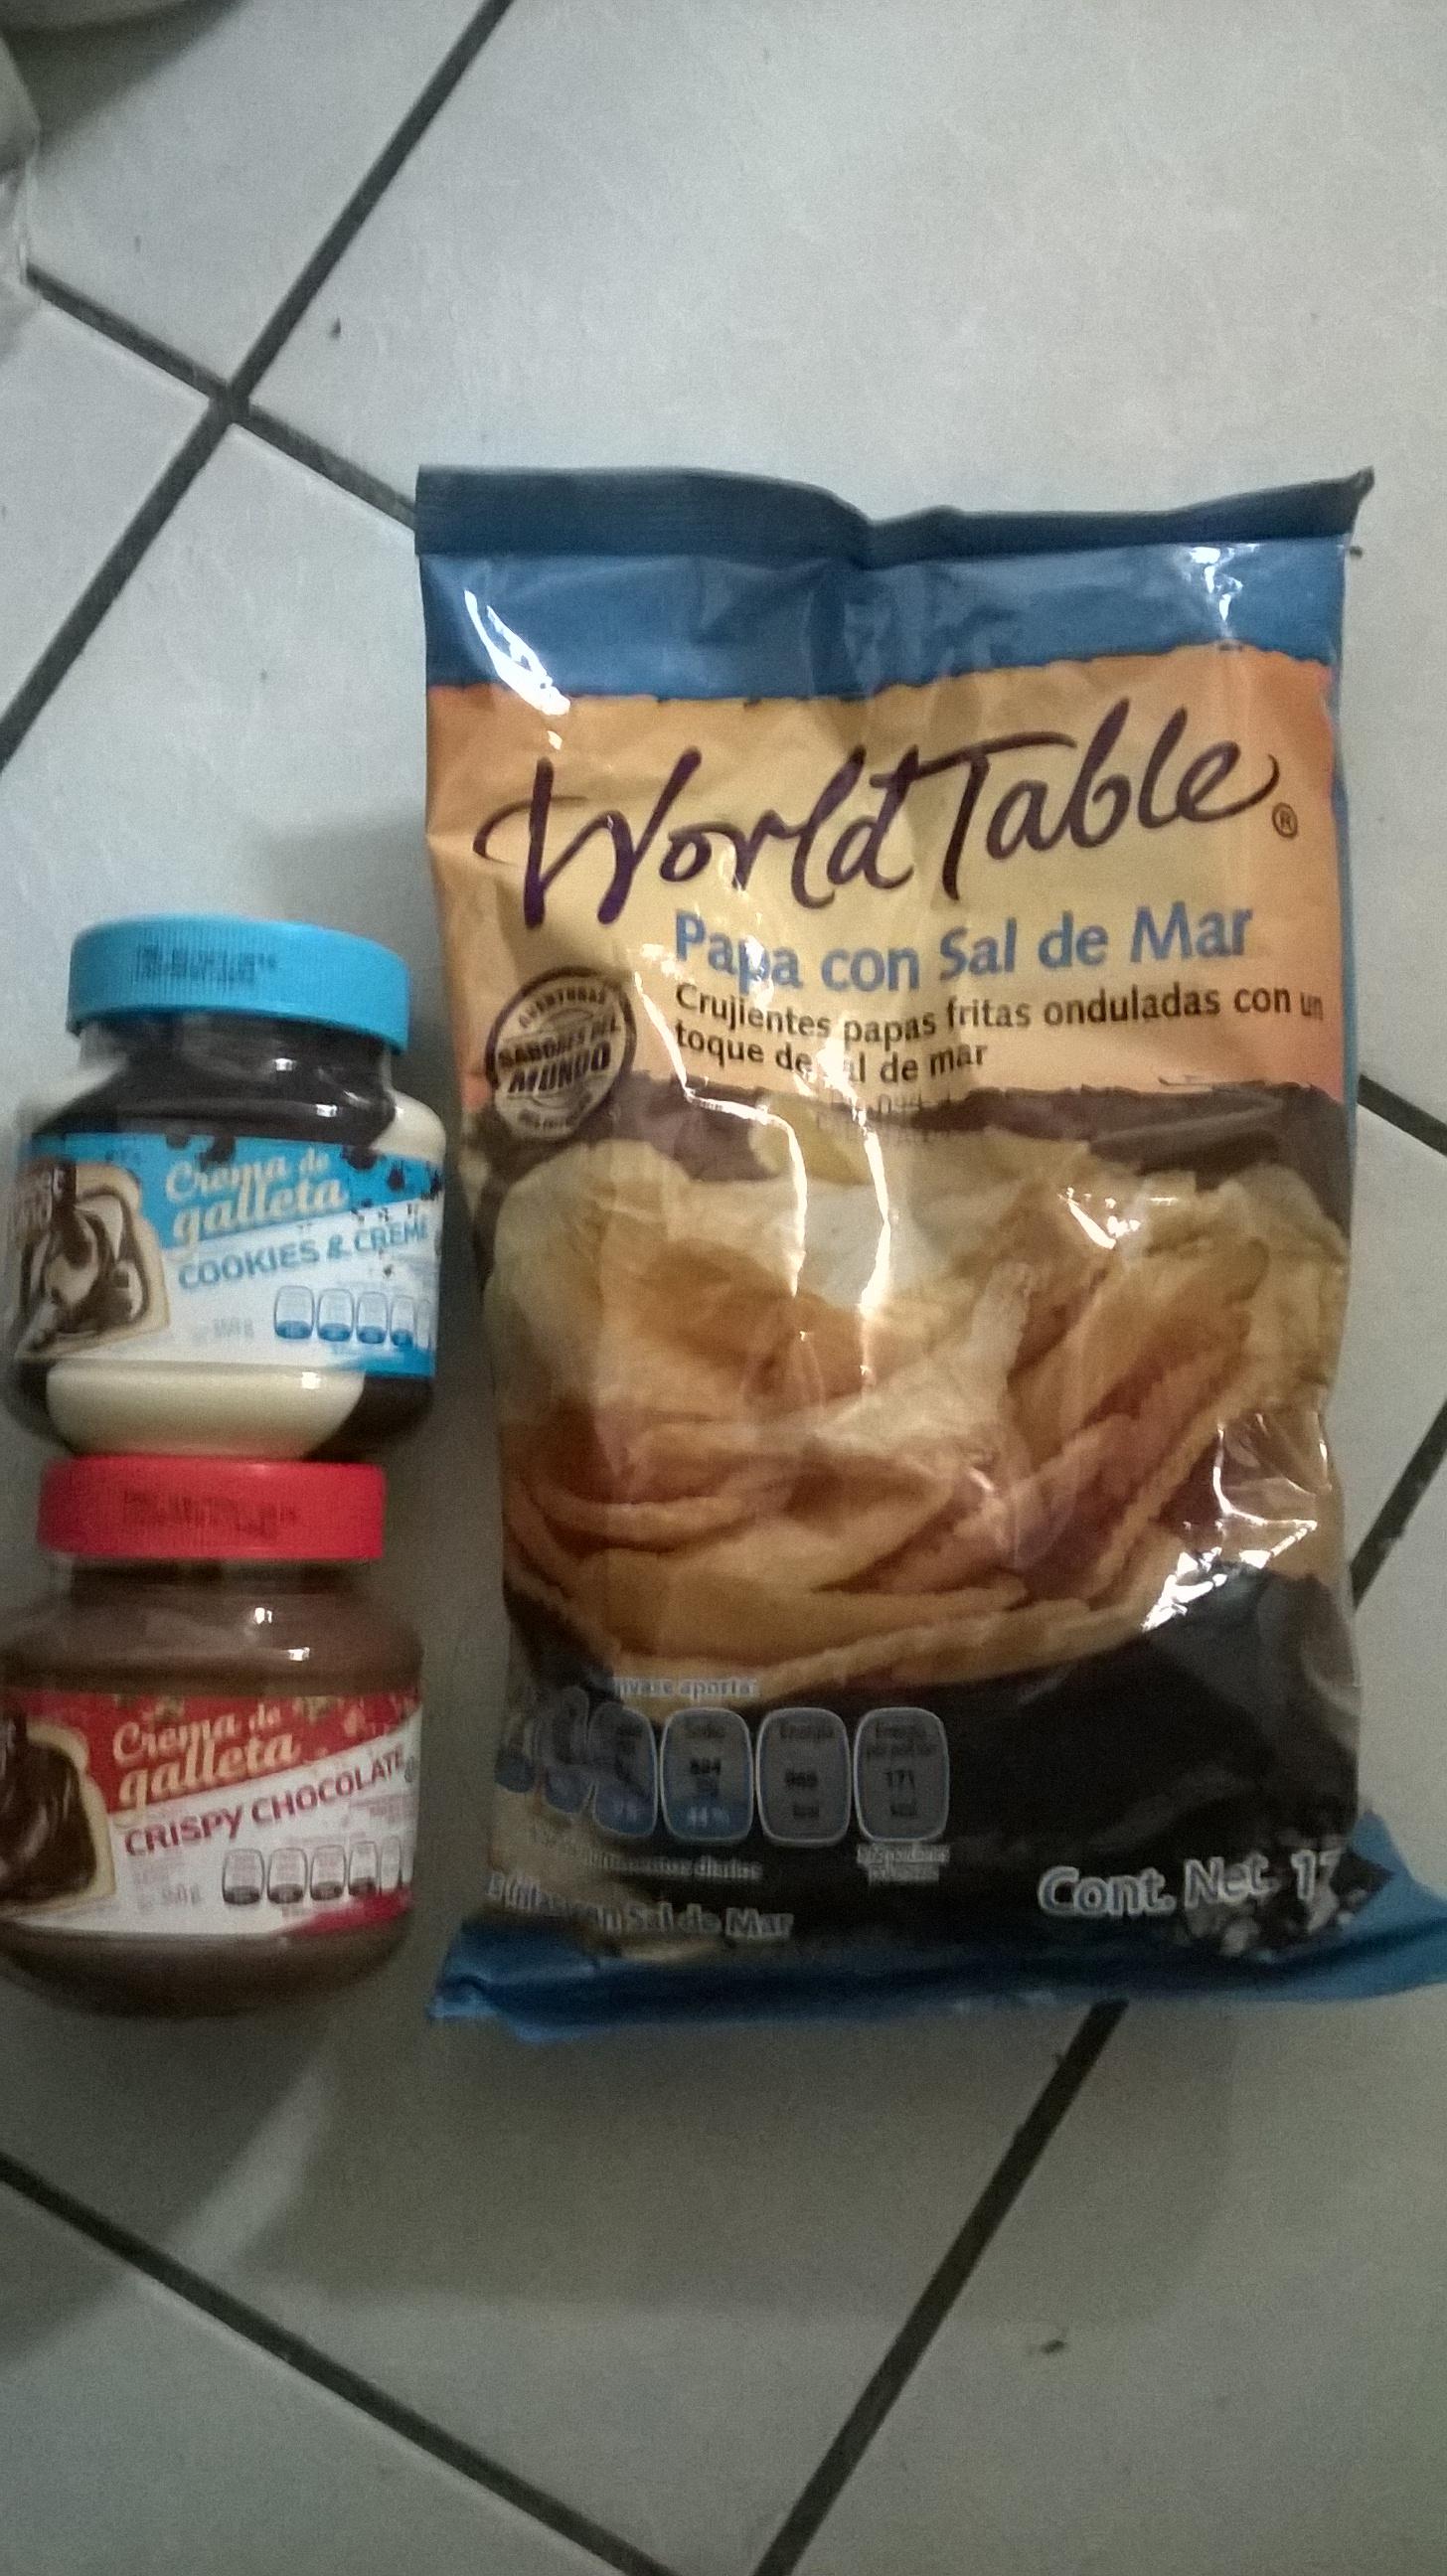 Walmart Loma Dorada: papas y untables para galletas en oferta